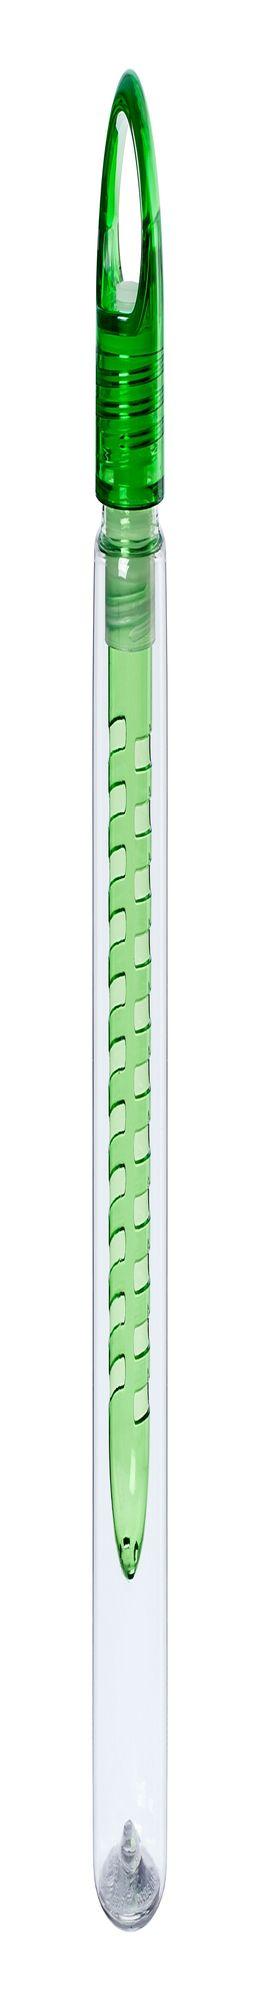 Бутылка для воды Taste, светло-зеленая фото